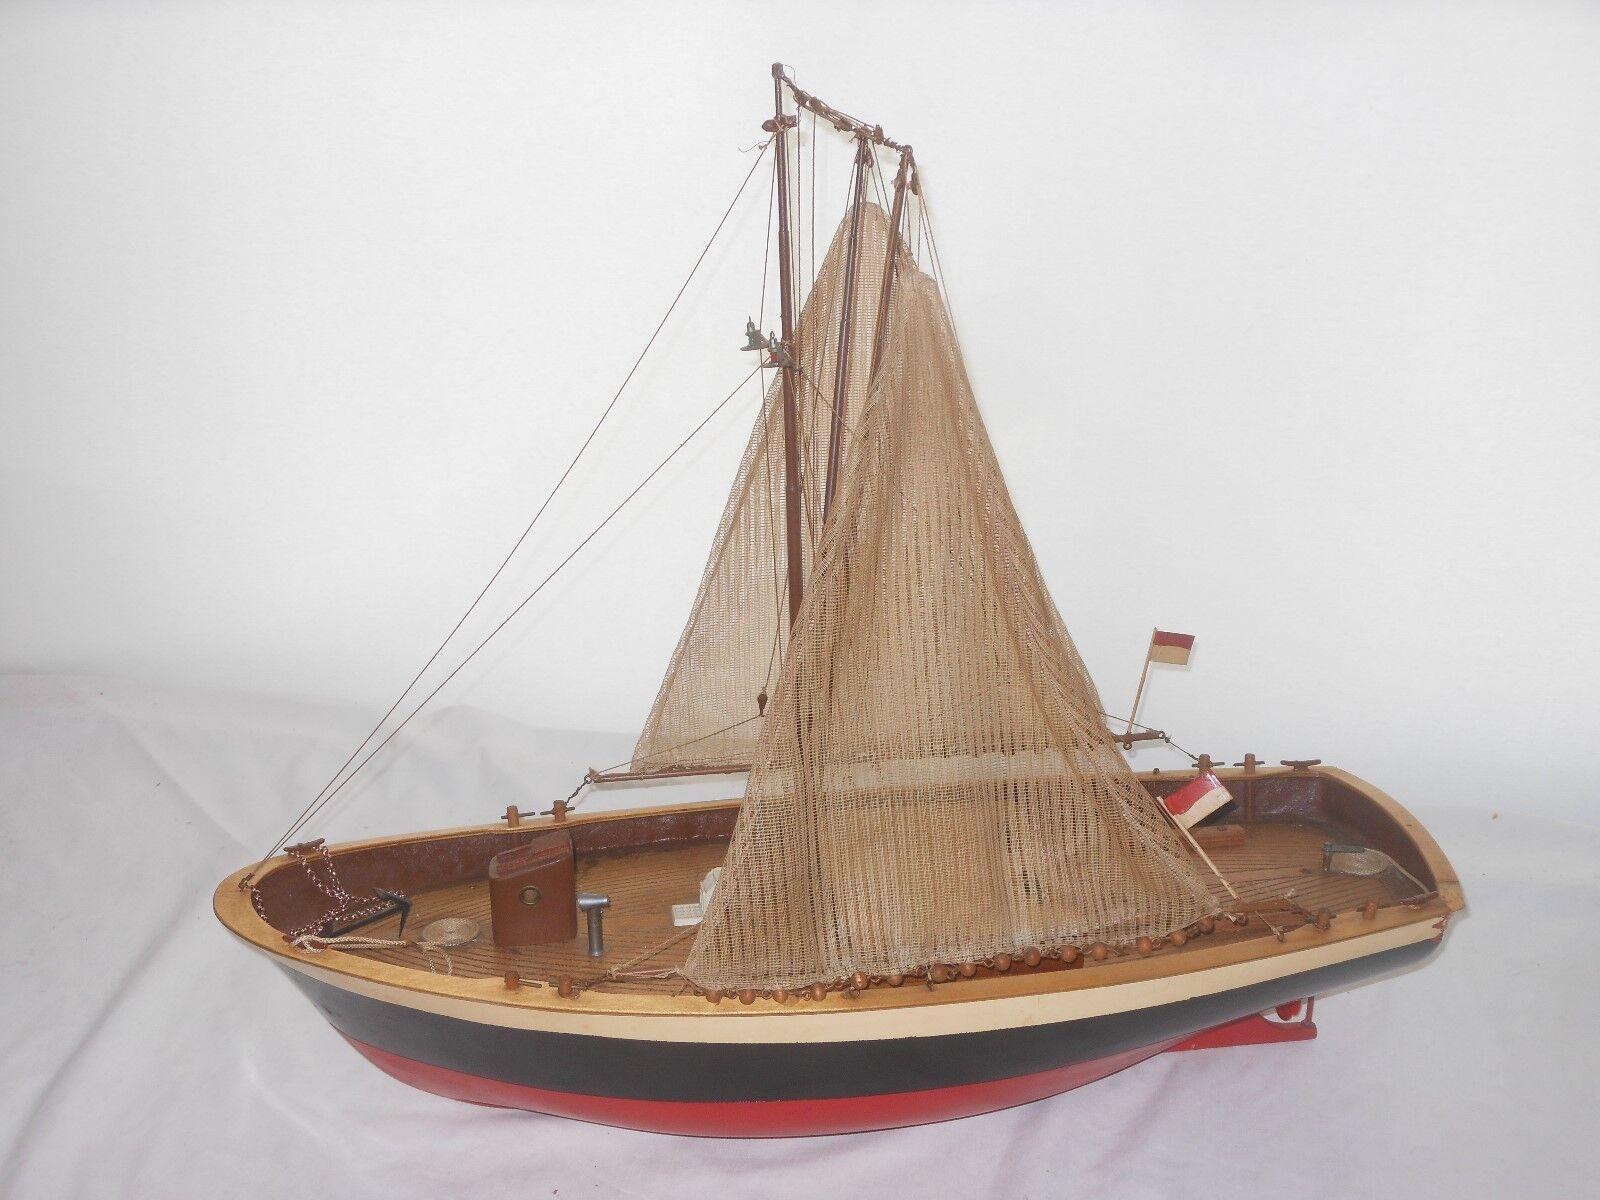 Taglierino Gamberetti Nave Barca - Rc Capace - Lunghezza 62 Cm - Graupner /